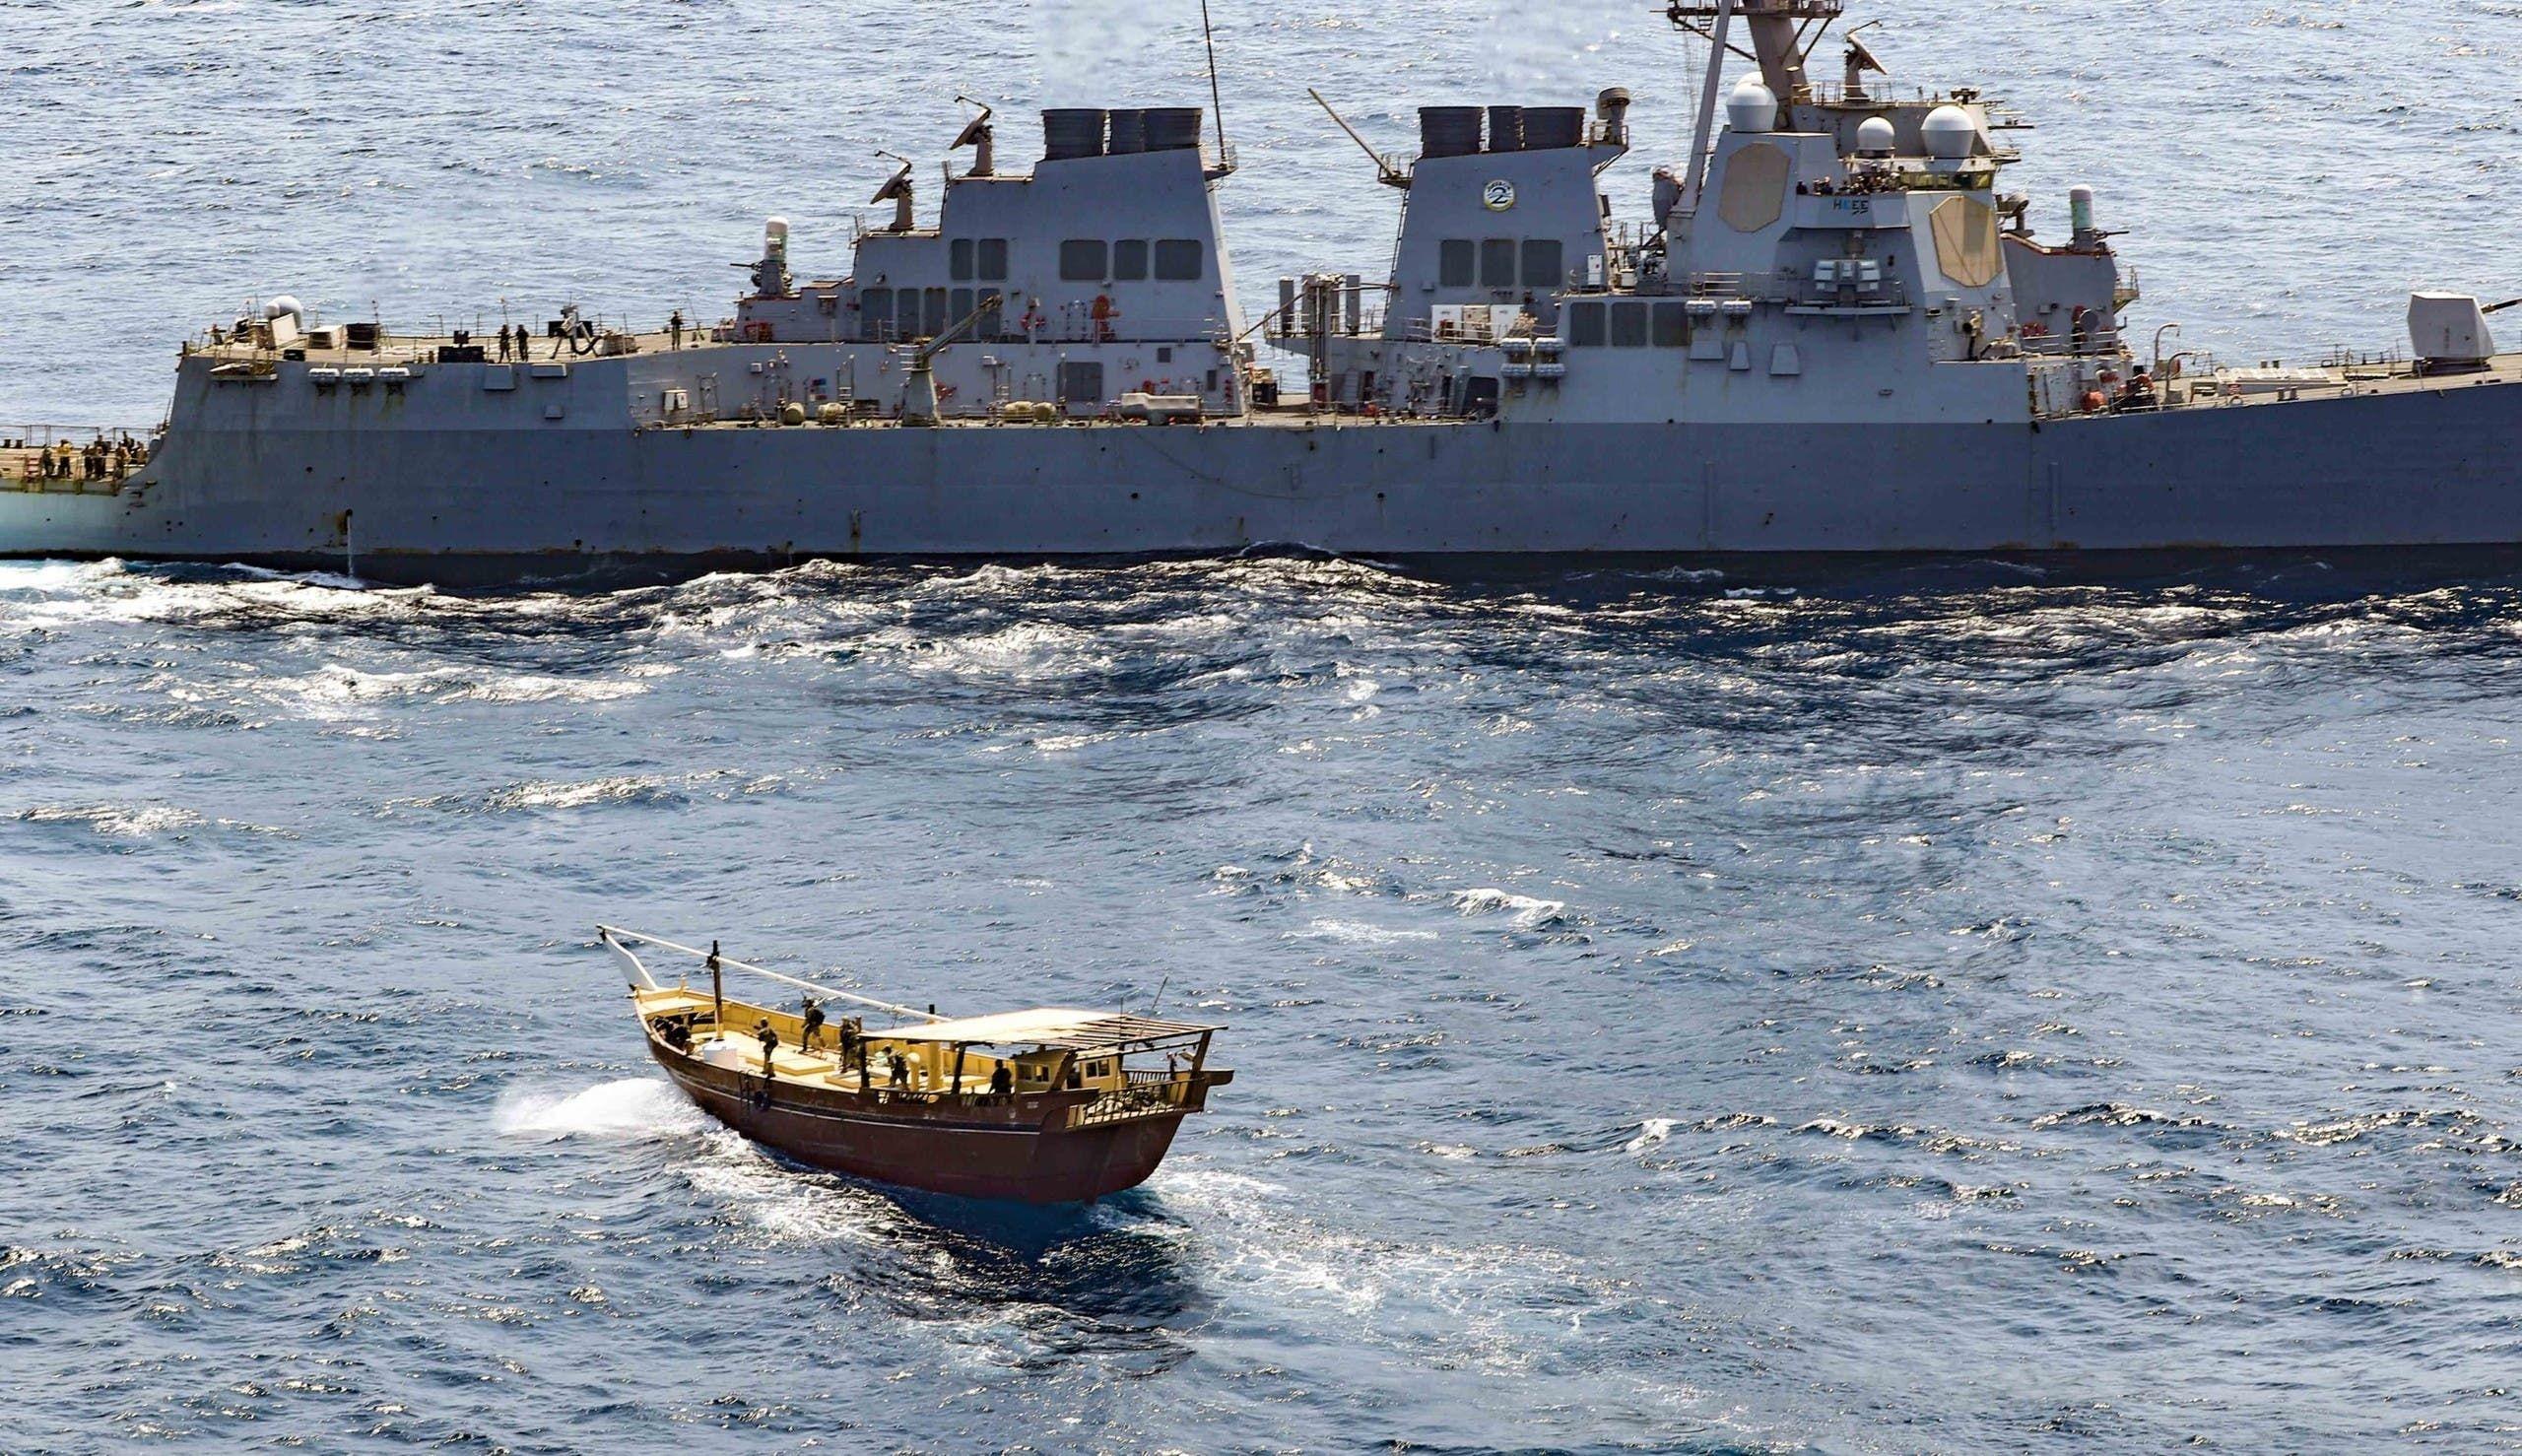 من عملية ضبط تهريب الأسلحة قبالة اليمن